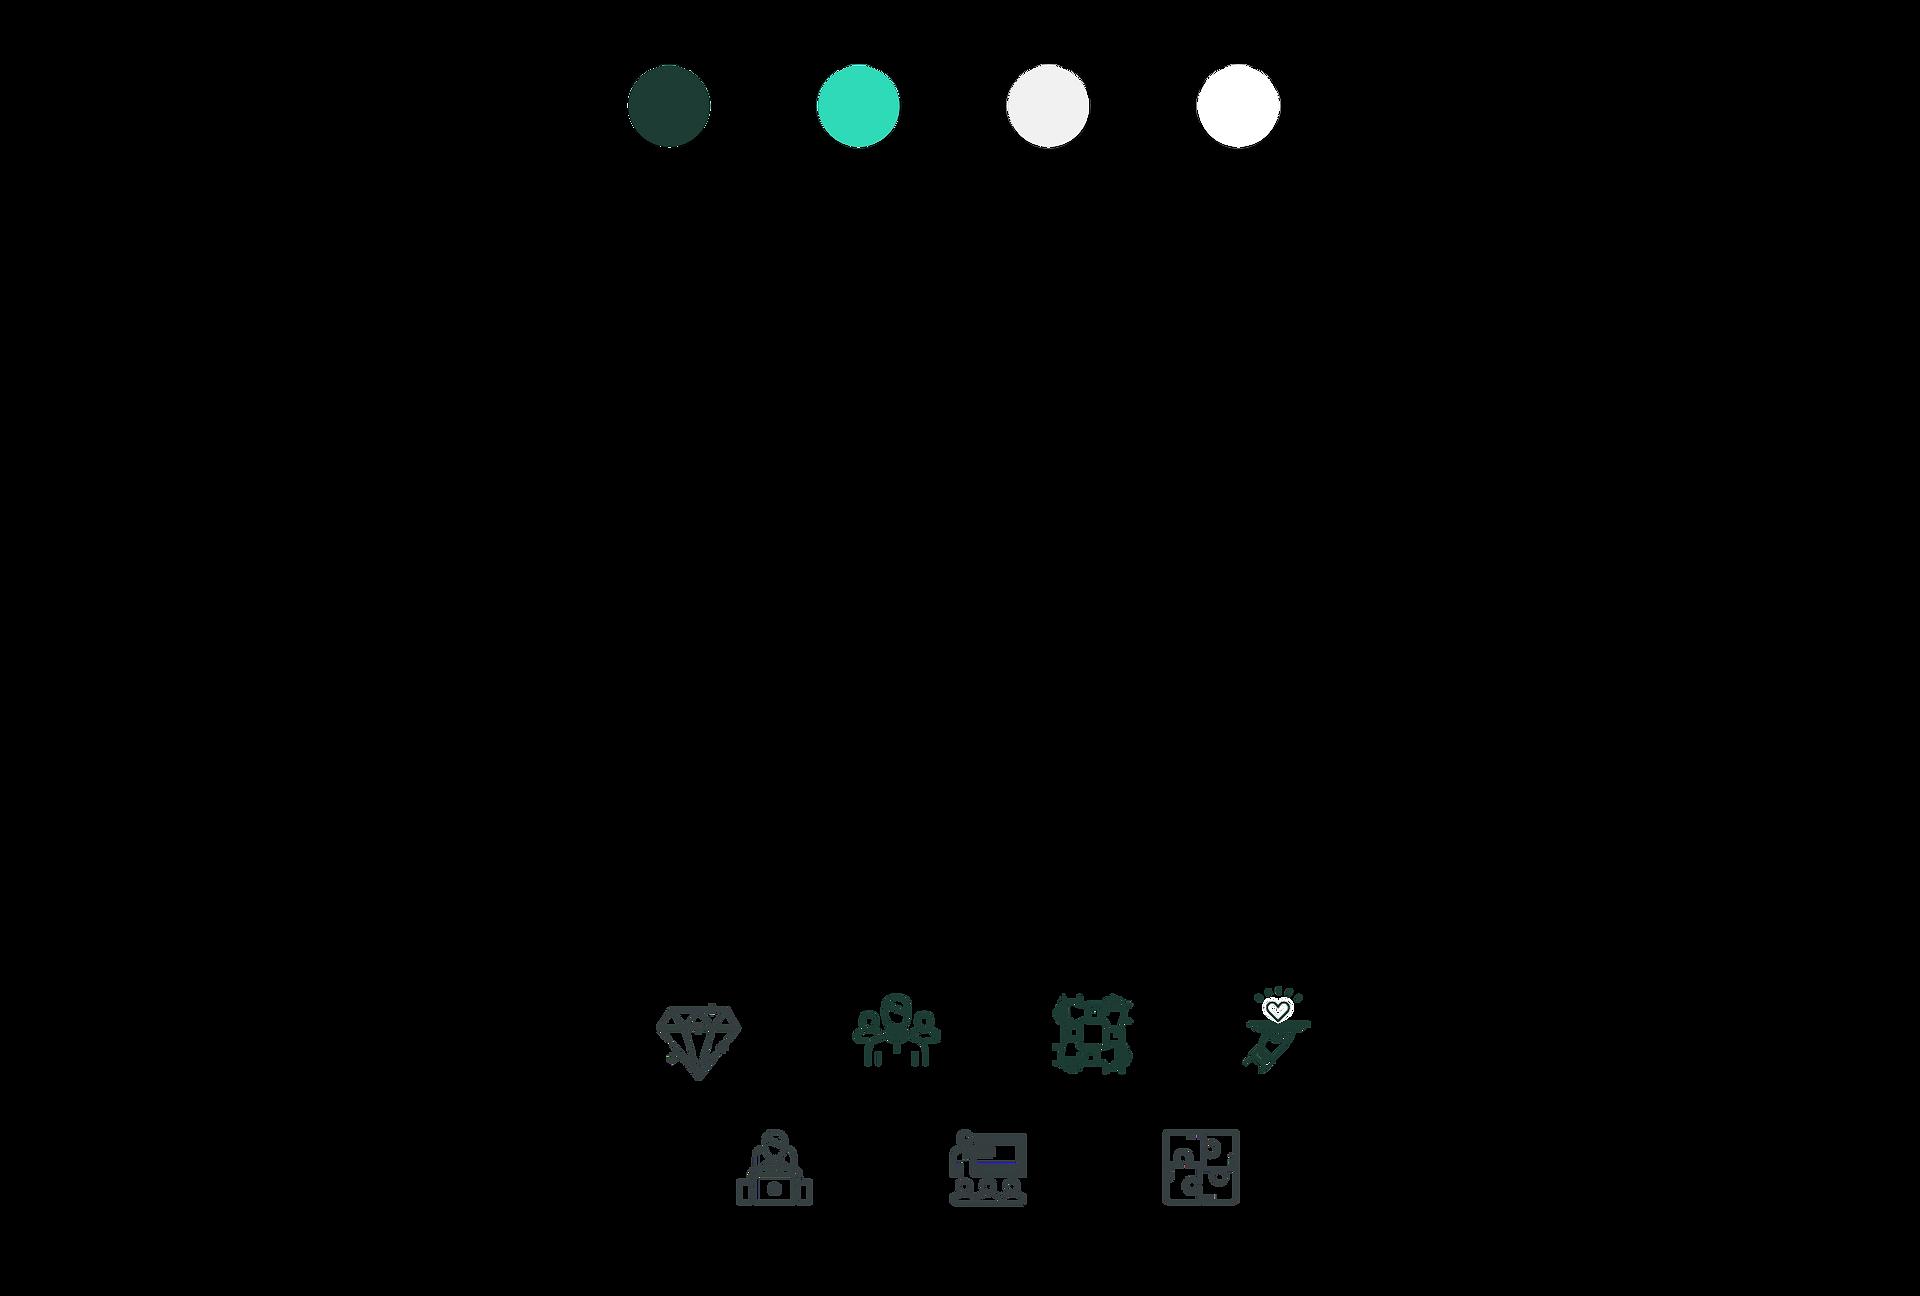 Font_Color_Icons_V2.png